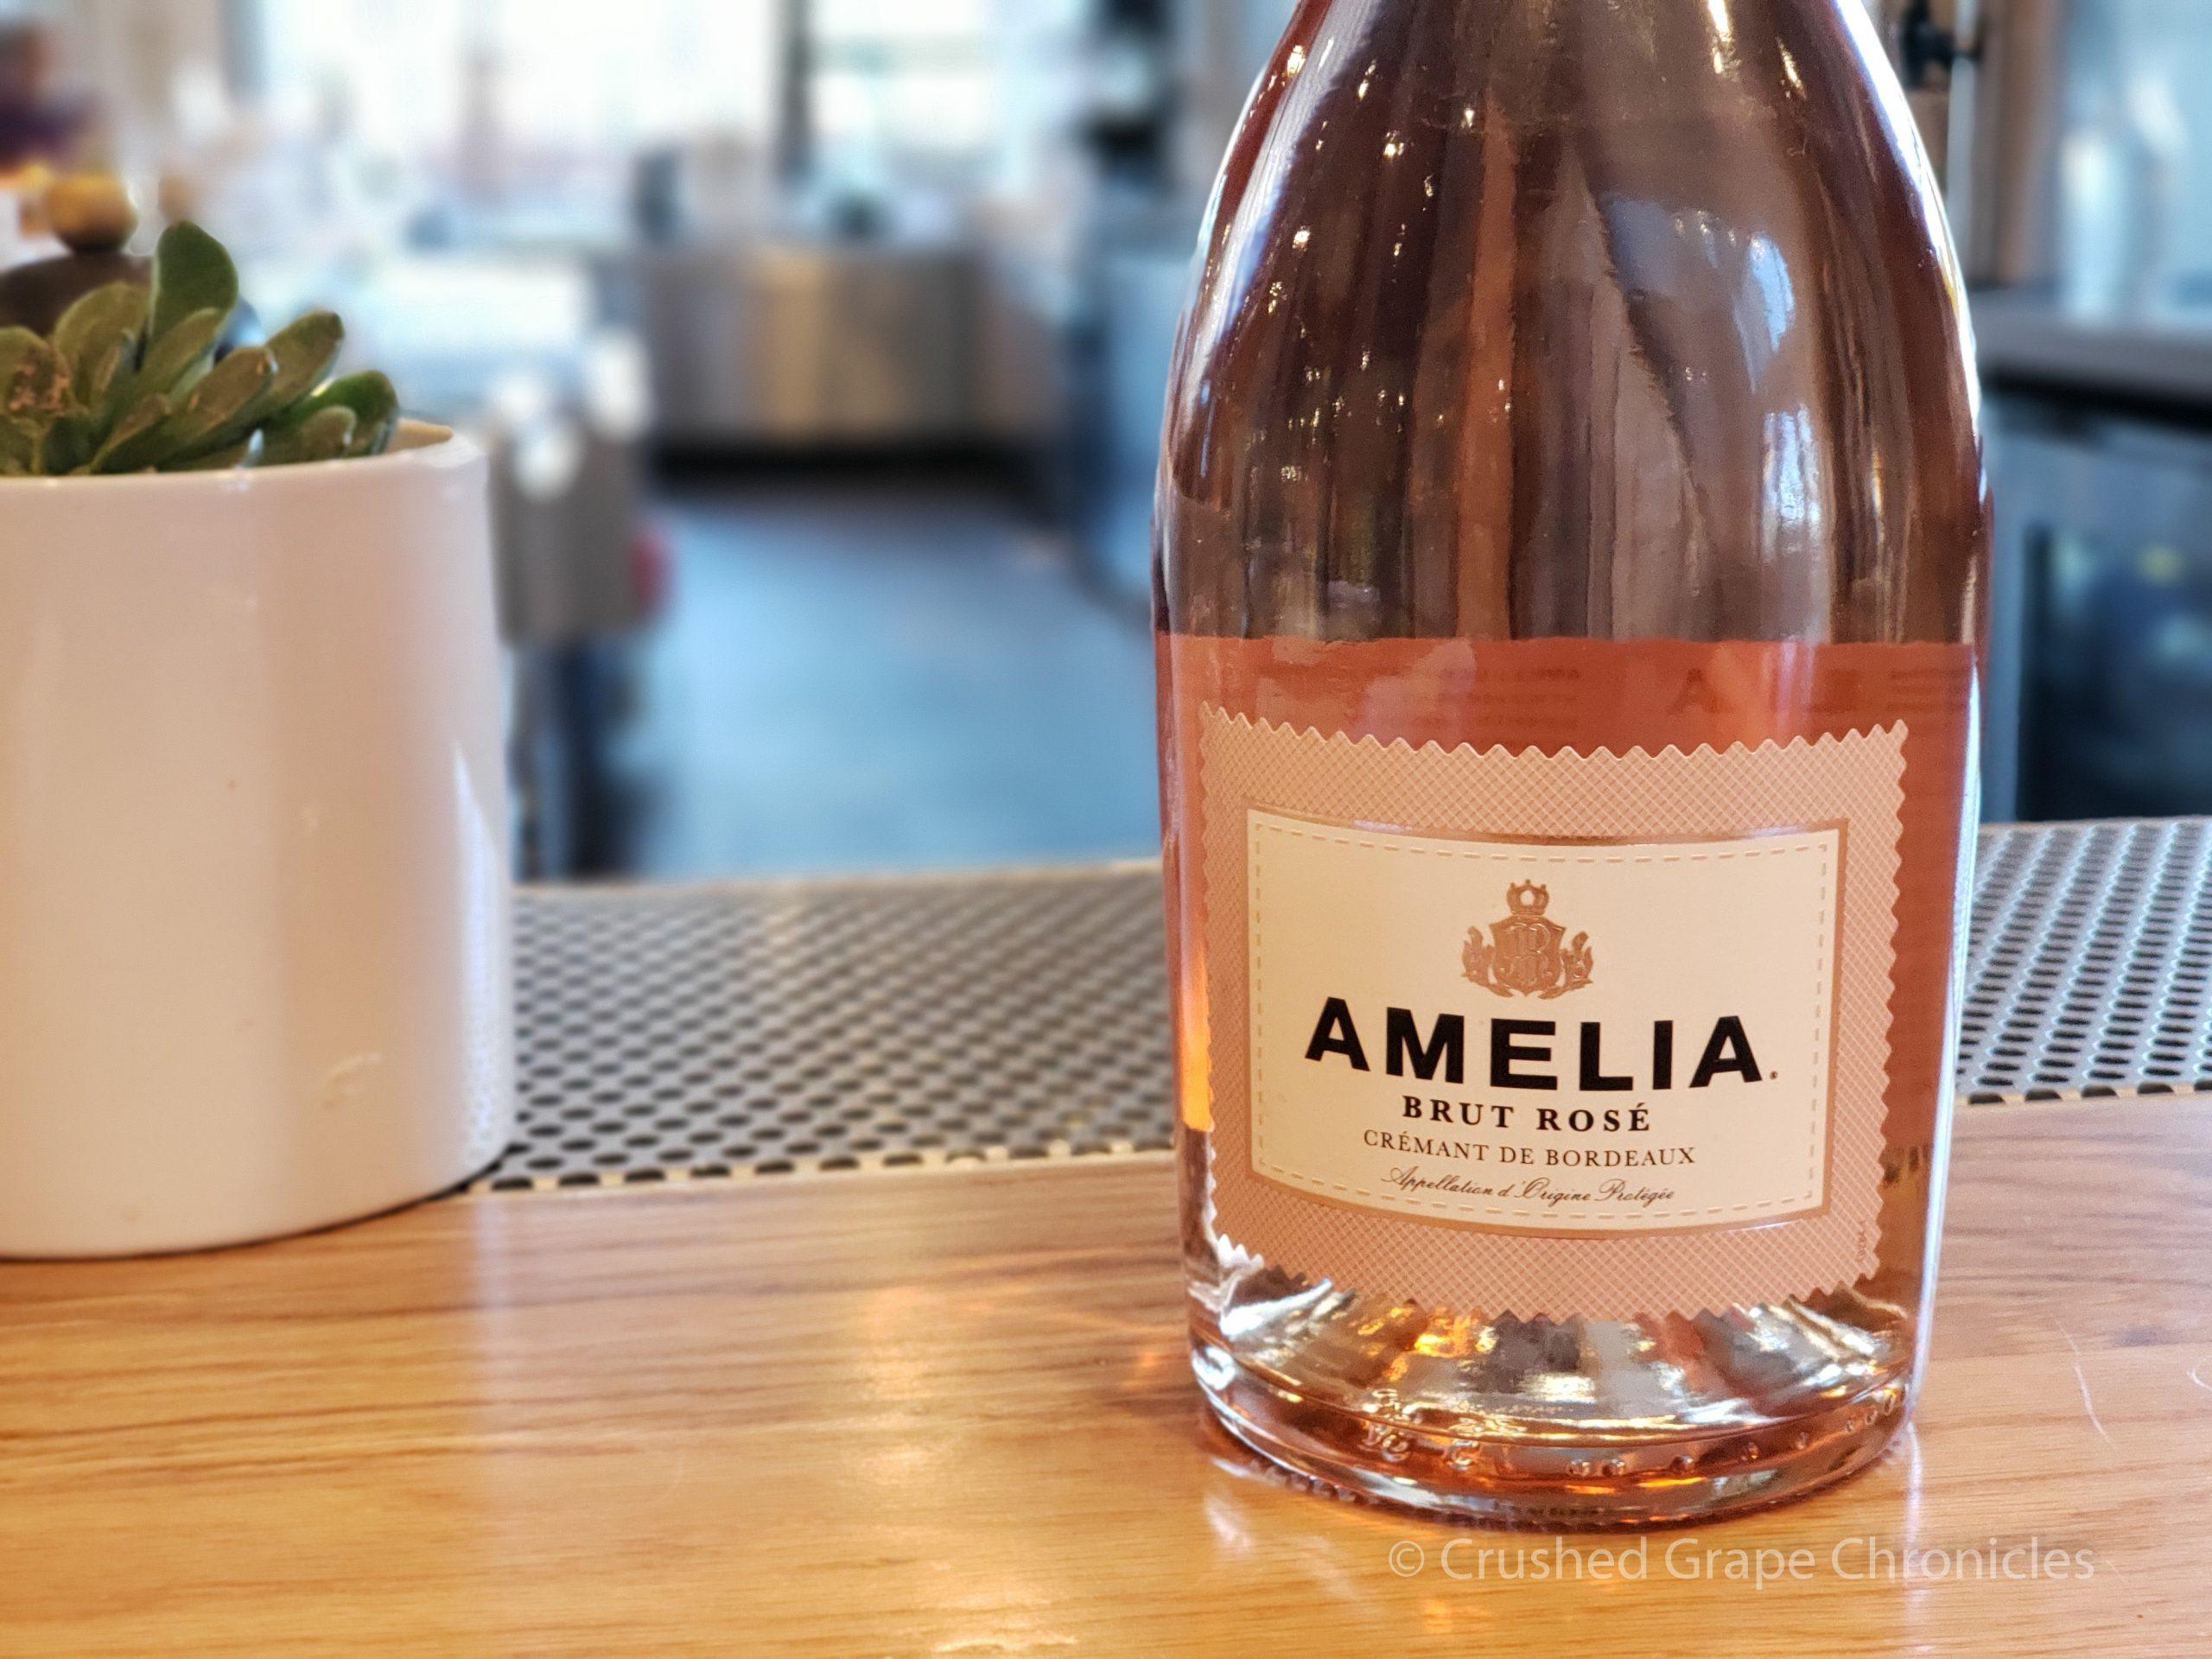 Amelia Crémant de Bordeaux Brut Rosé